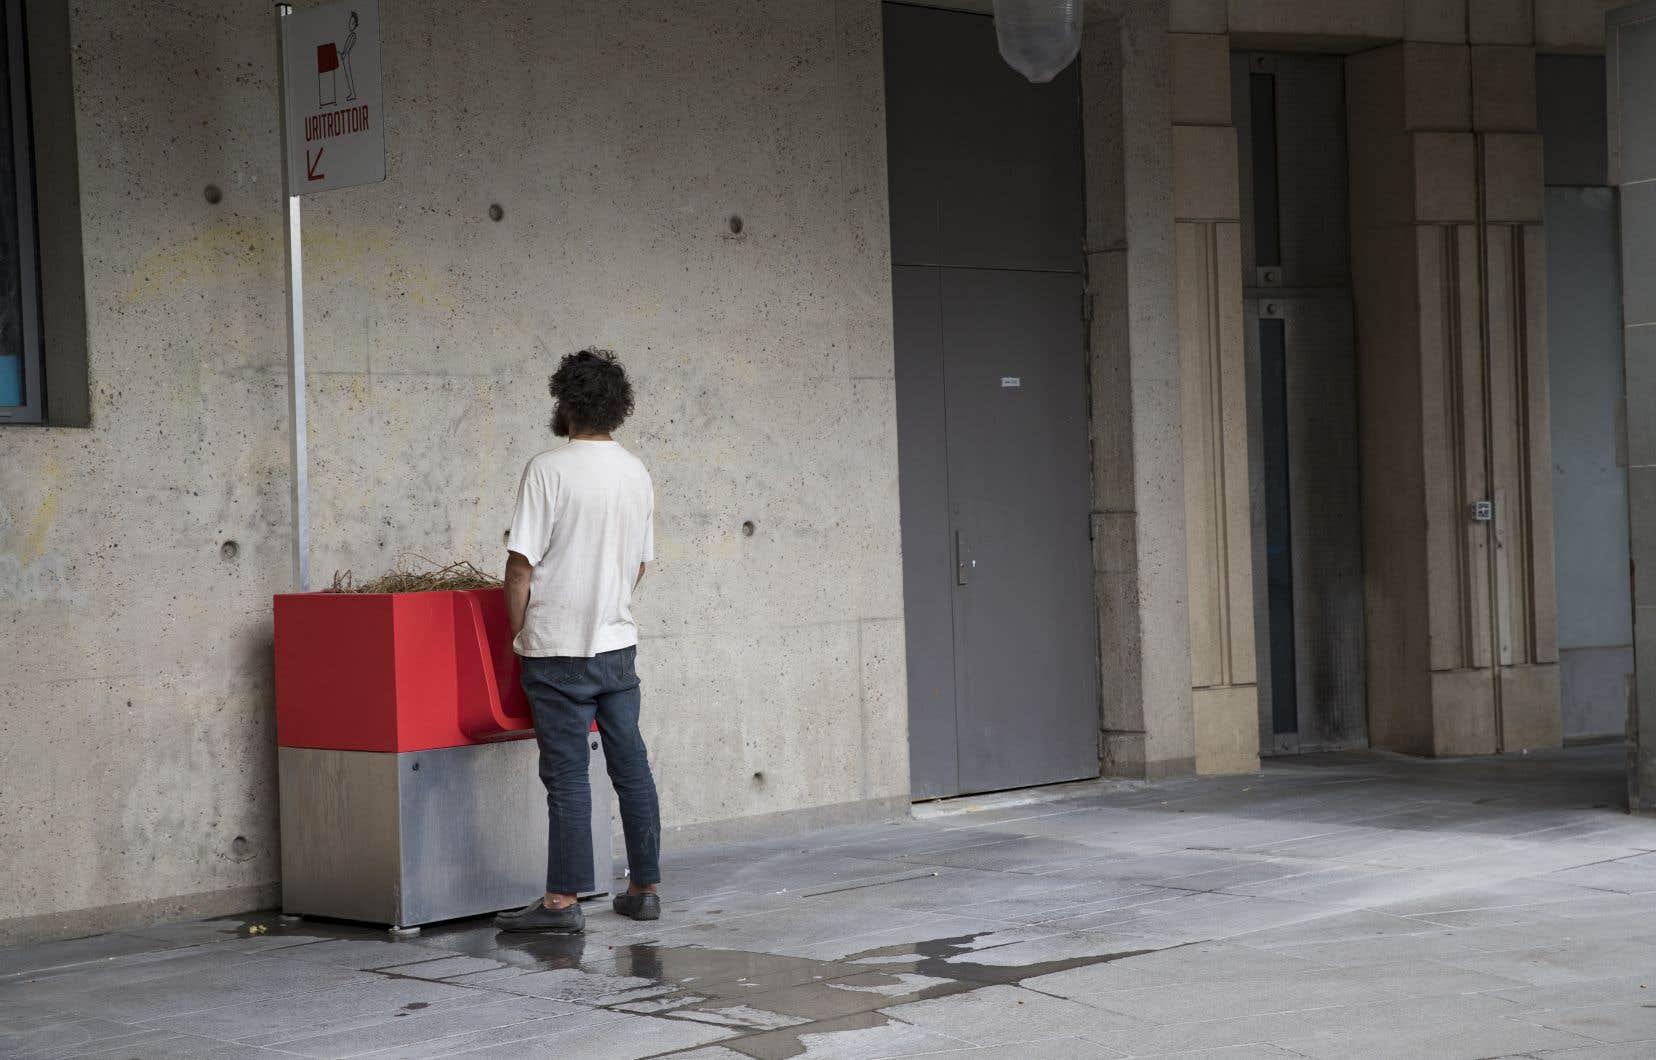 Un homme utilise un urinoir public «uritrottoir», près de la gare de Lyon à Paris.